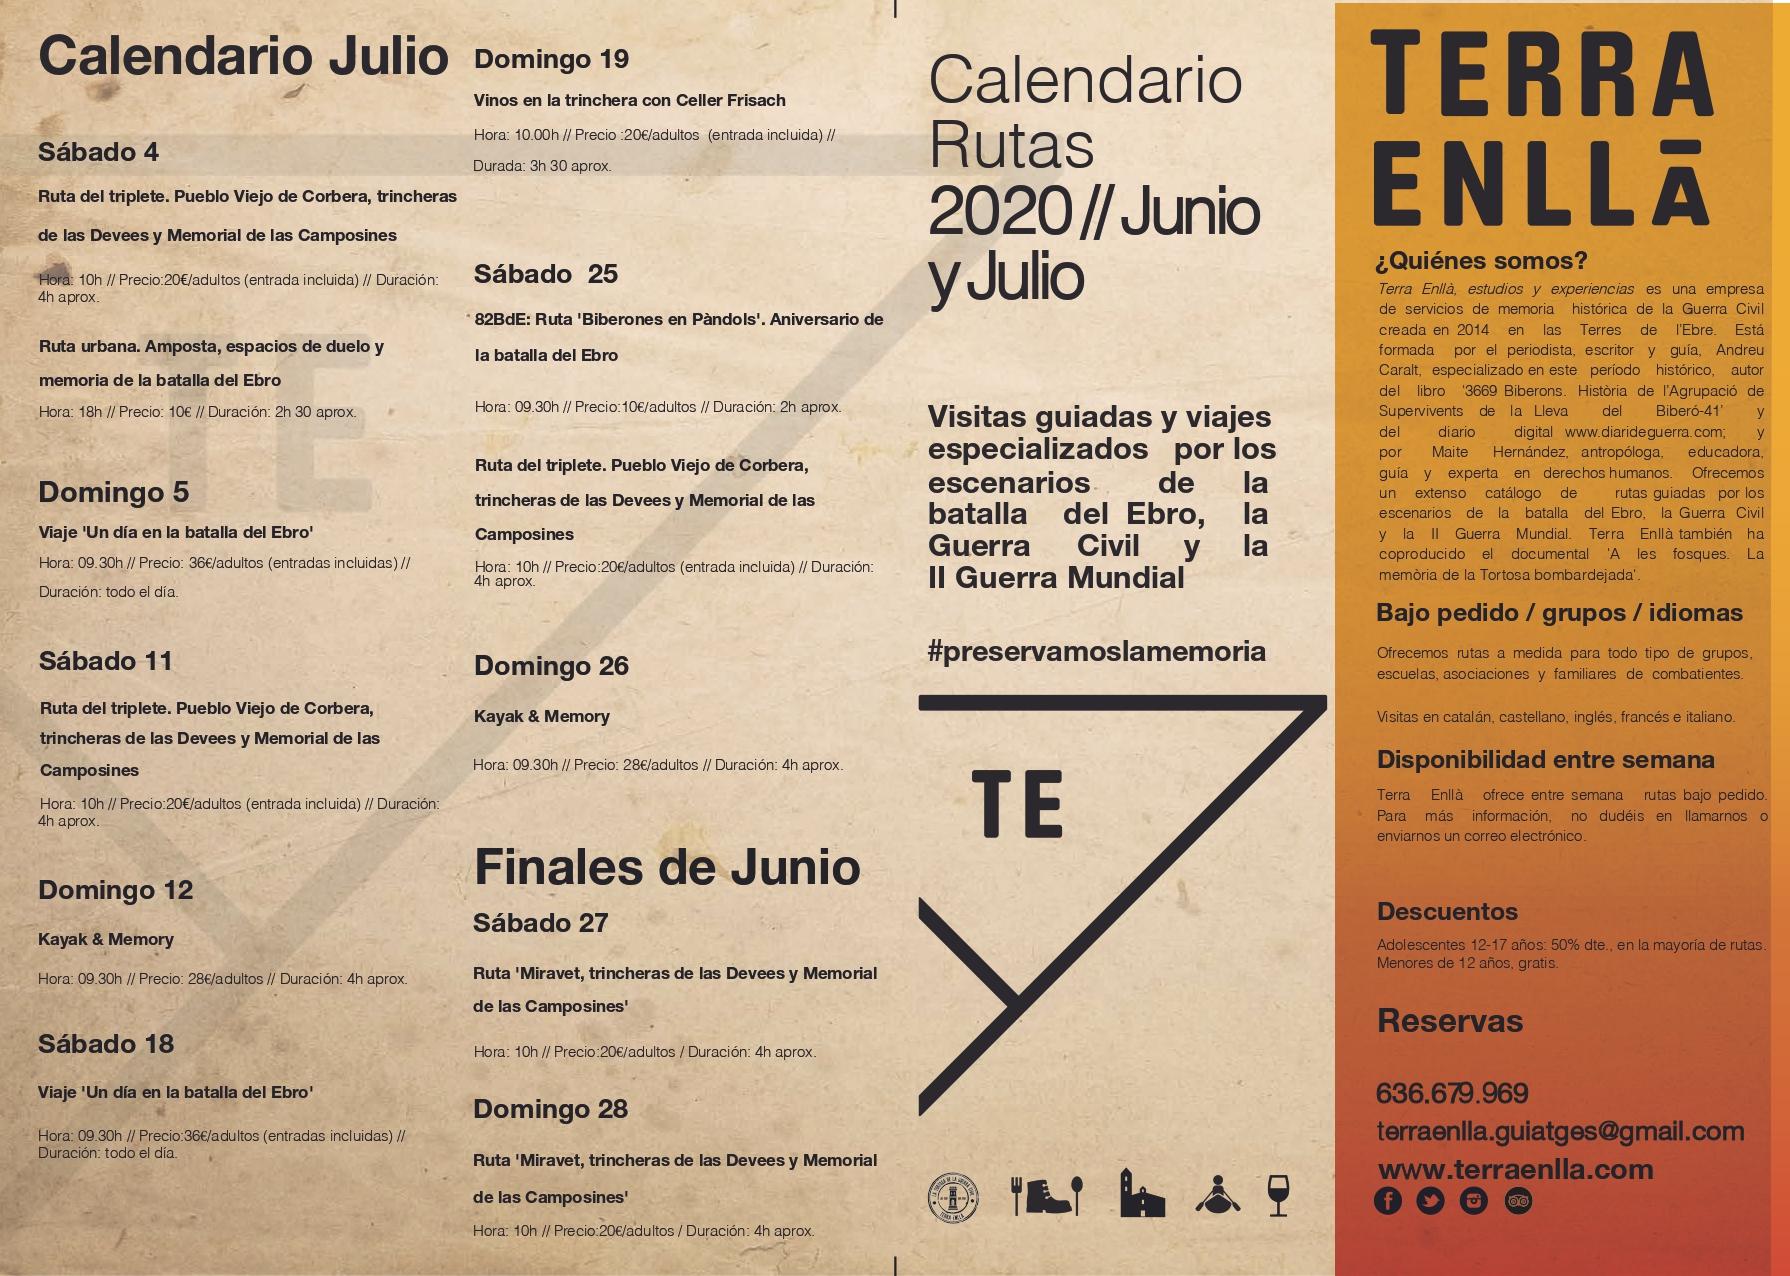 Terra Enllà. Calendario Julio 2020. Rutas y visitas guiadas por los espacios de la batalla del Ebro